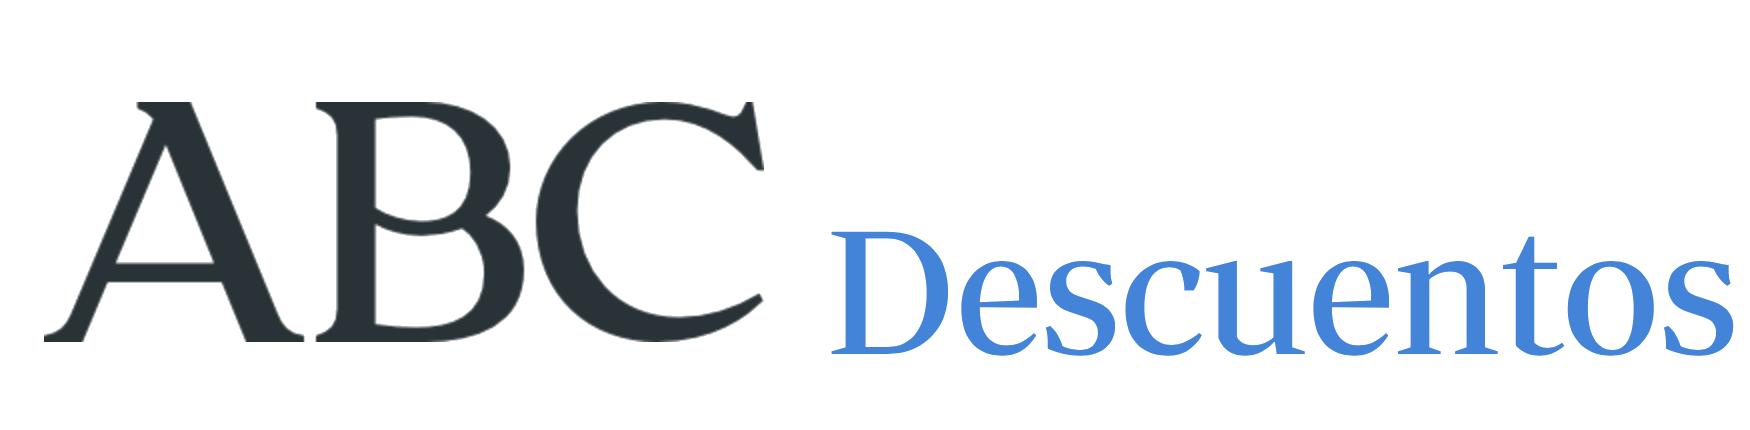 ABC_Descuentos_logo.png